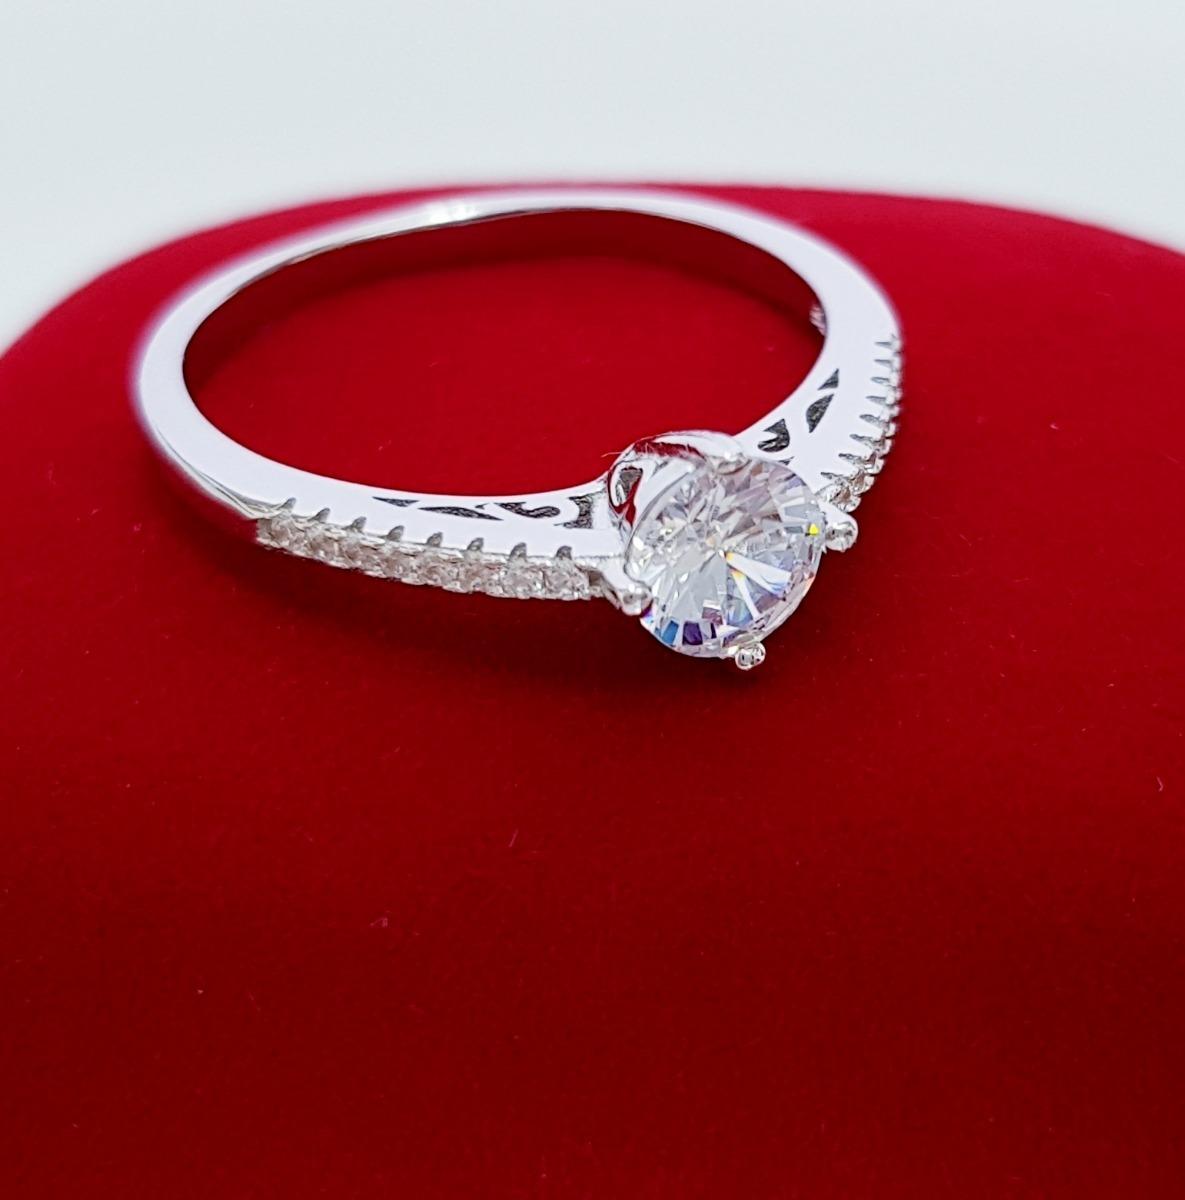 5af216e1c2b7d anel solitário feminino delicado zirconia prata pura 925. Carregando zoom.